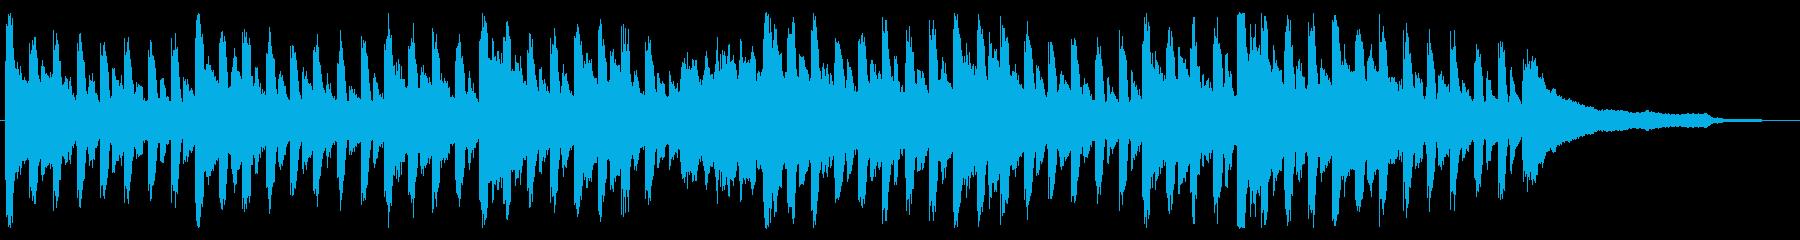 【ショート版】企業VP・CM シンセの再生済みの波形